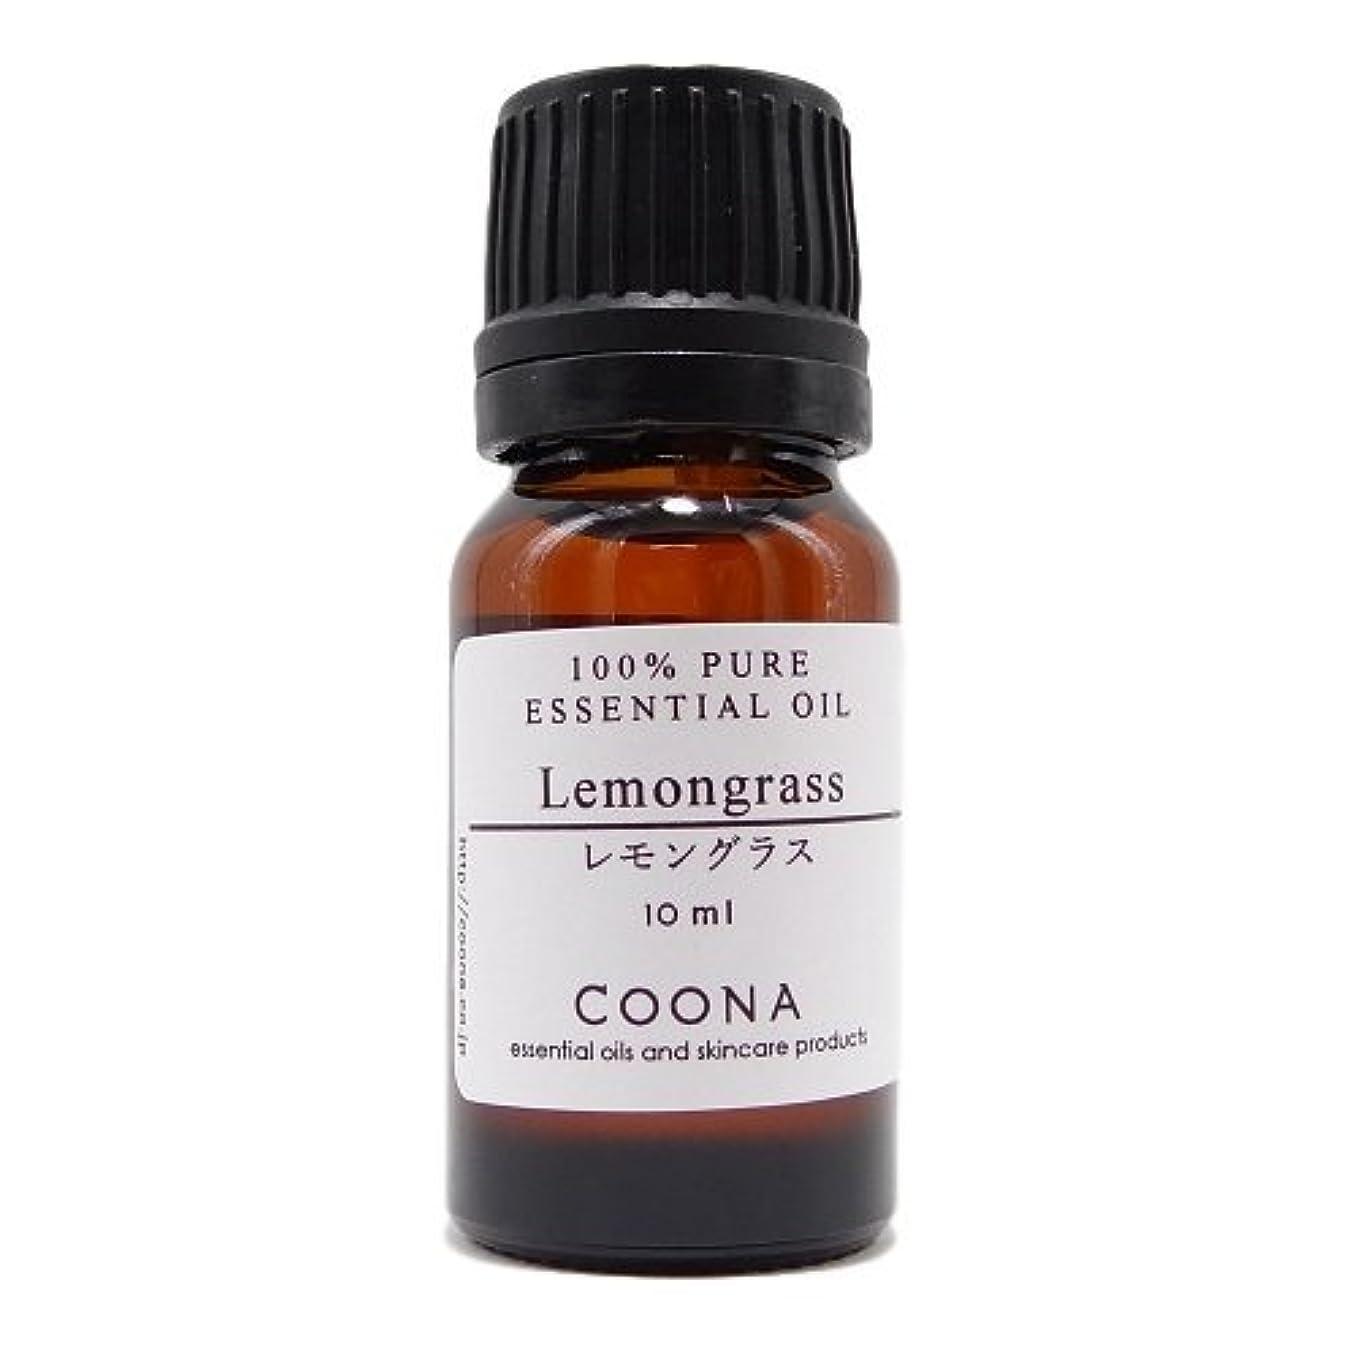 輸血階下アマチュアレモングラス 10 ml (COONA エッセンシャルオイル アロマオイル 100%天然植物精油)